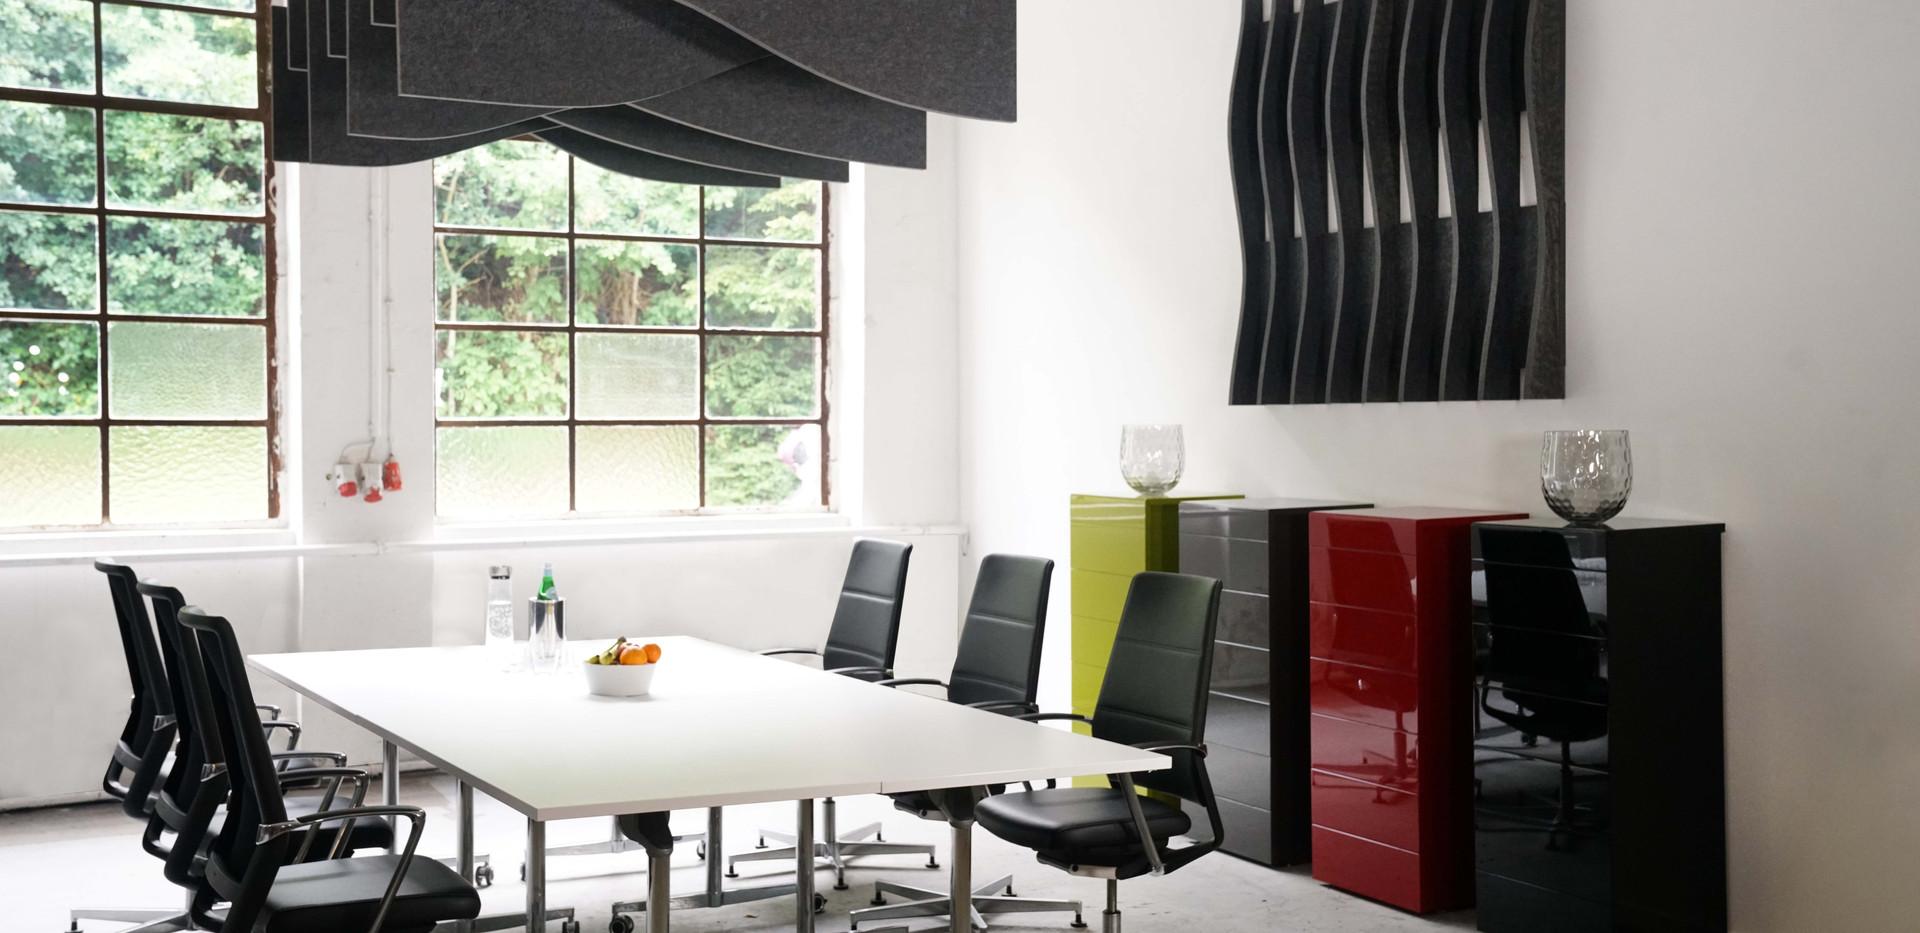 design element milieu2.jpg